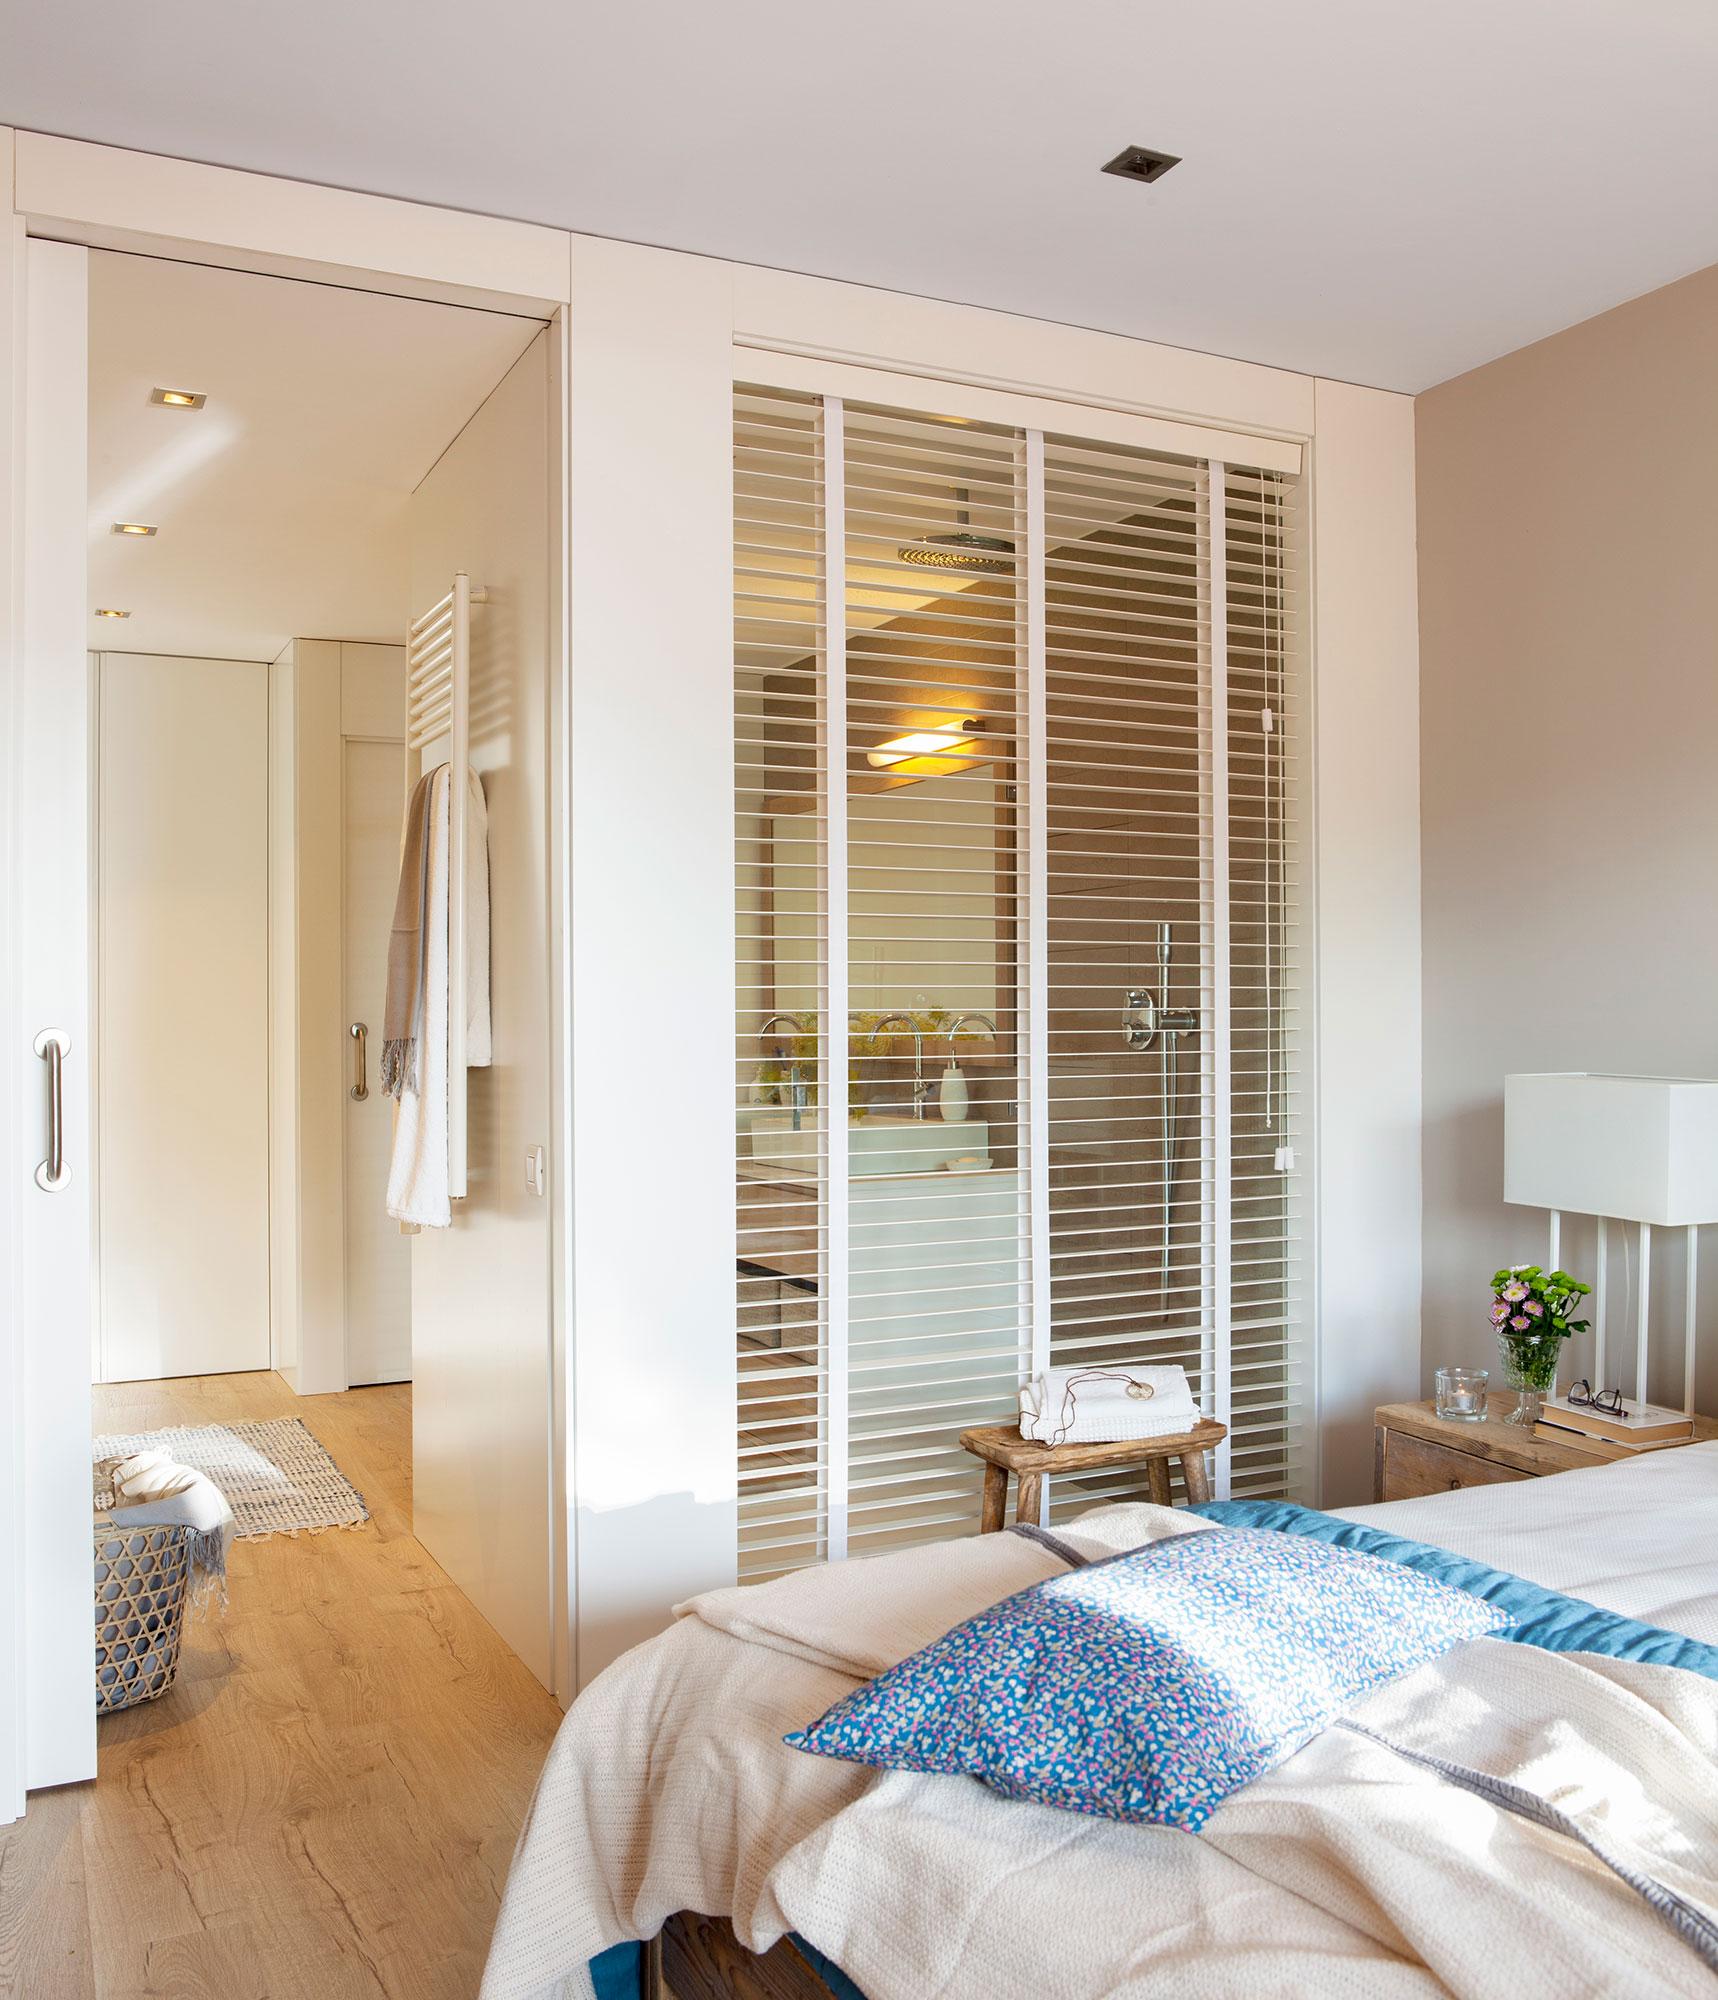 9 ideas para multiplicar la luz del dormitorio - Dormitorio con bano ...